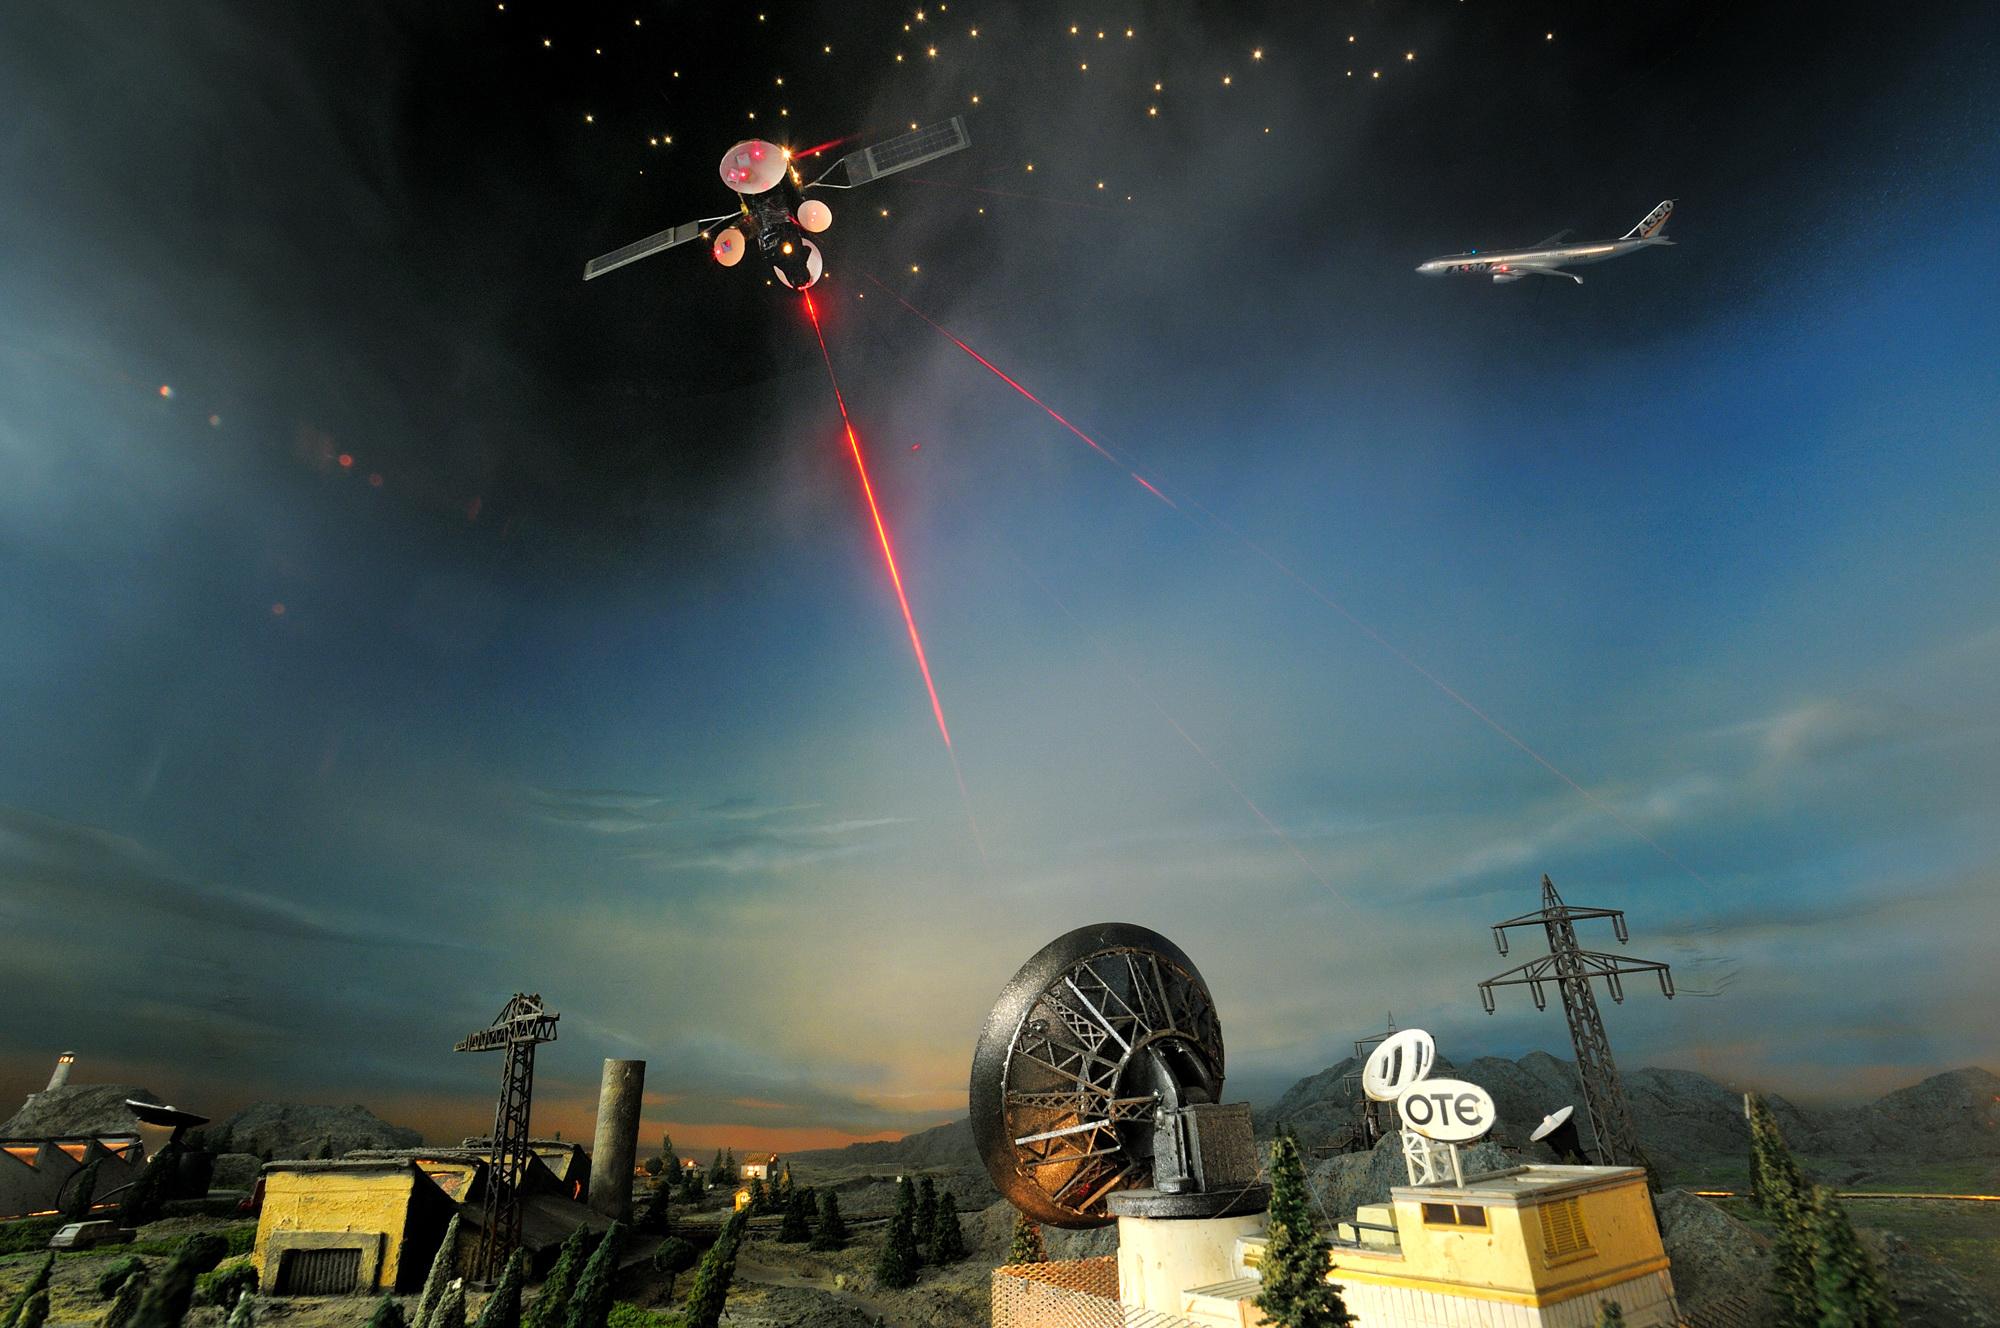 Άποψη μακέτας Δορυφορικών Επικοινωνιών, Τηλεπικοινωνιών ΟΤΕ